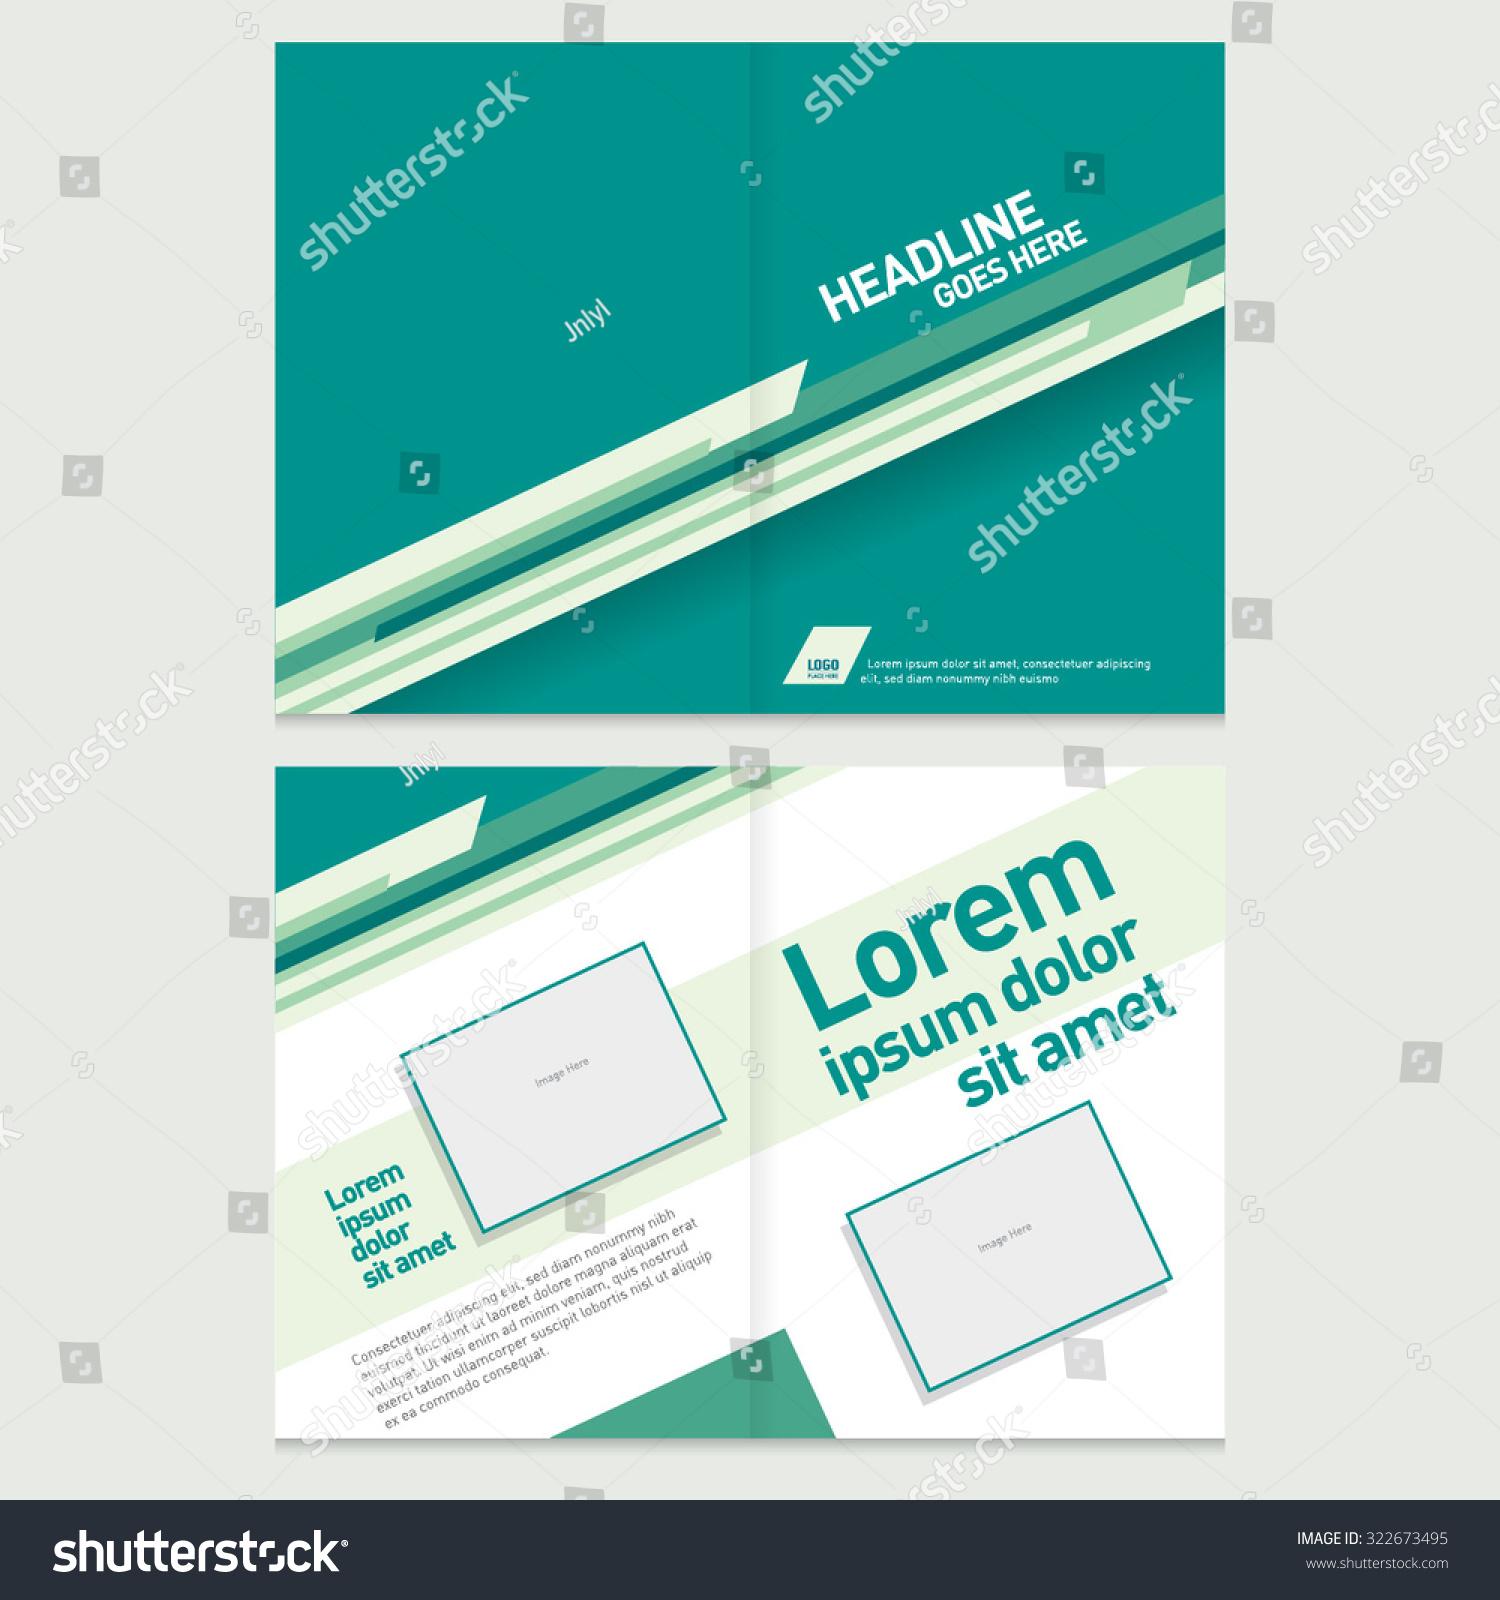 Business Card Templates  Downloadcom